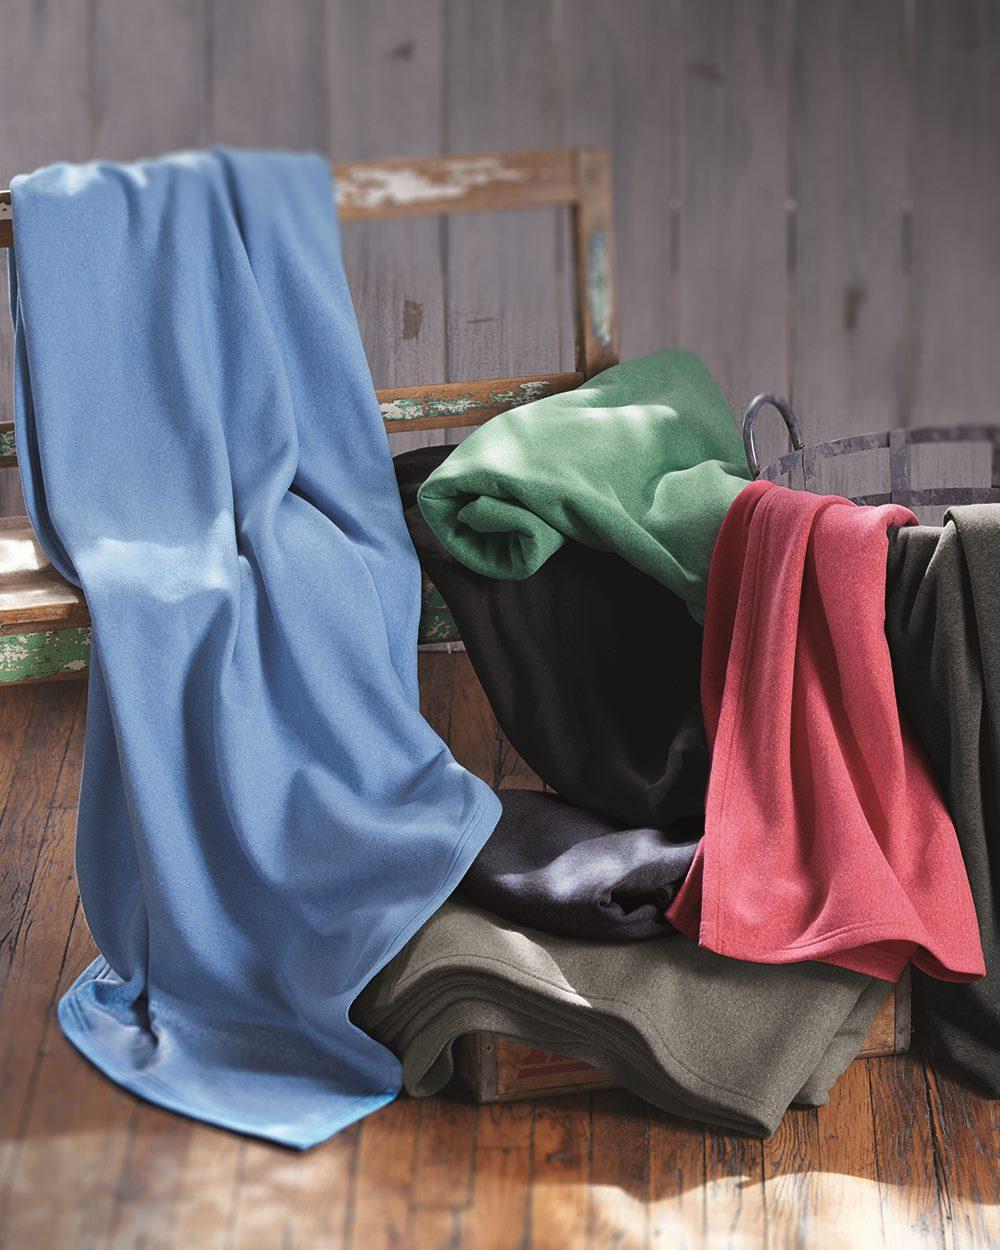 Independent Trading Co. INDBKTSB - Special Blend Blanket